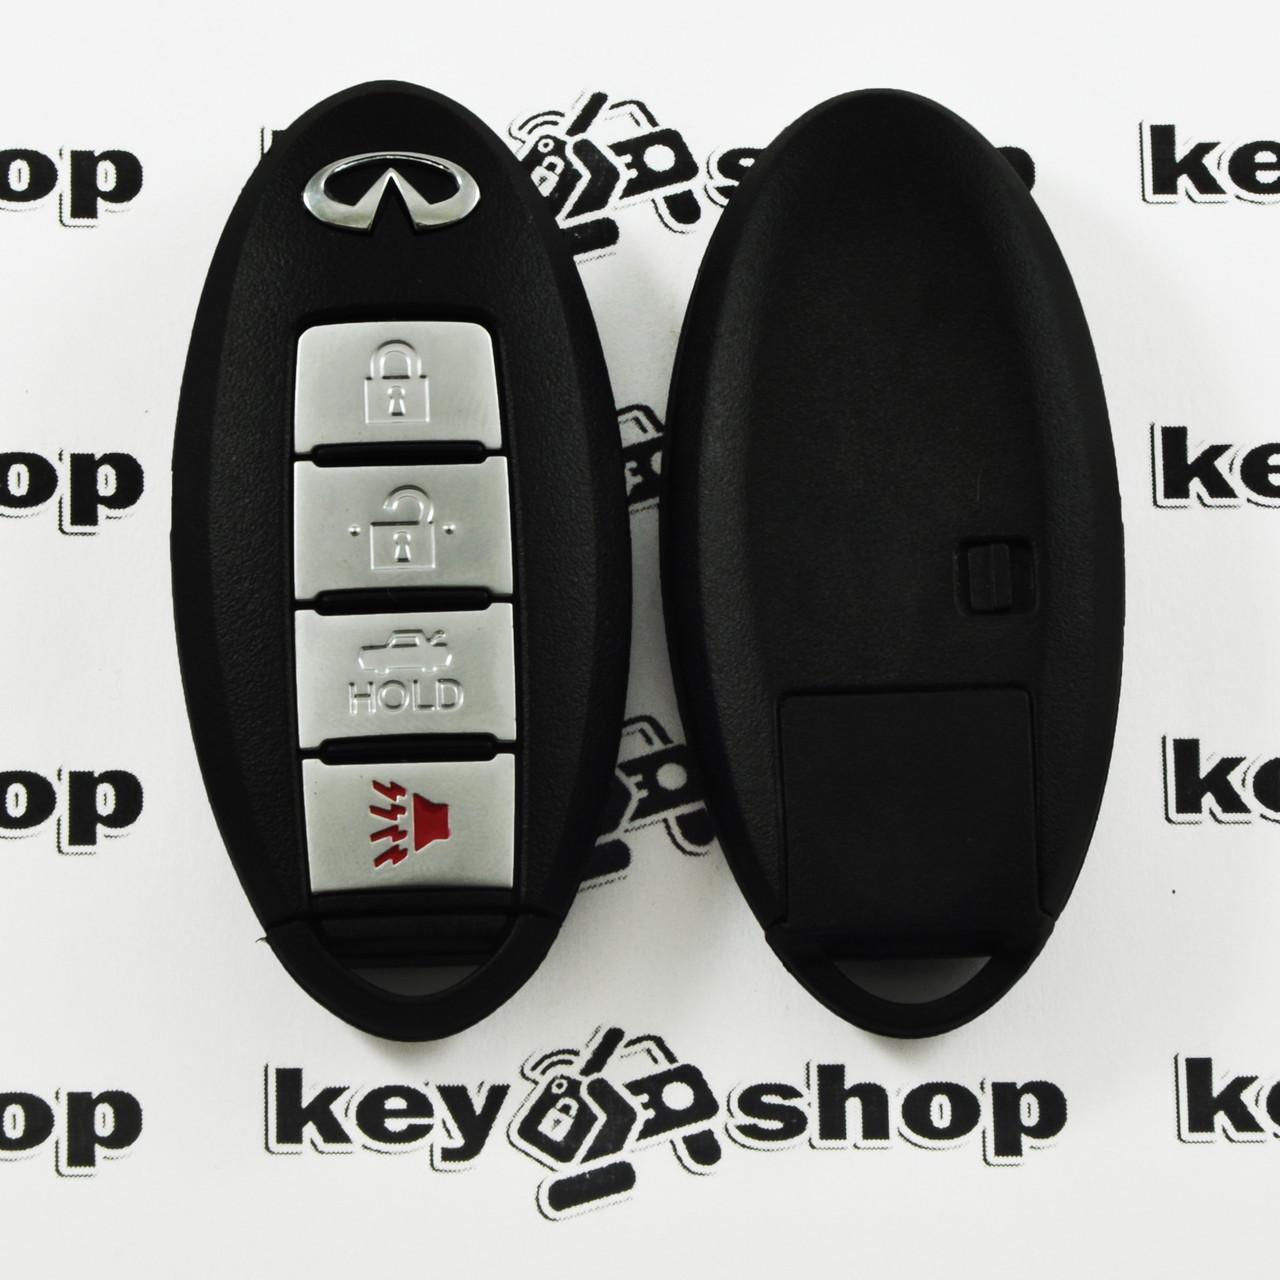 Оригинальный ключ Infiniti (Инфинити) 3 кнопки + 1 (panic), чип ID46 c частотой 315 MHz